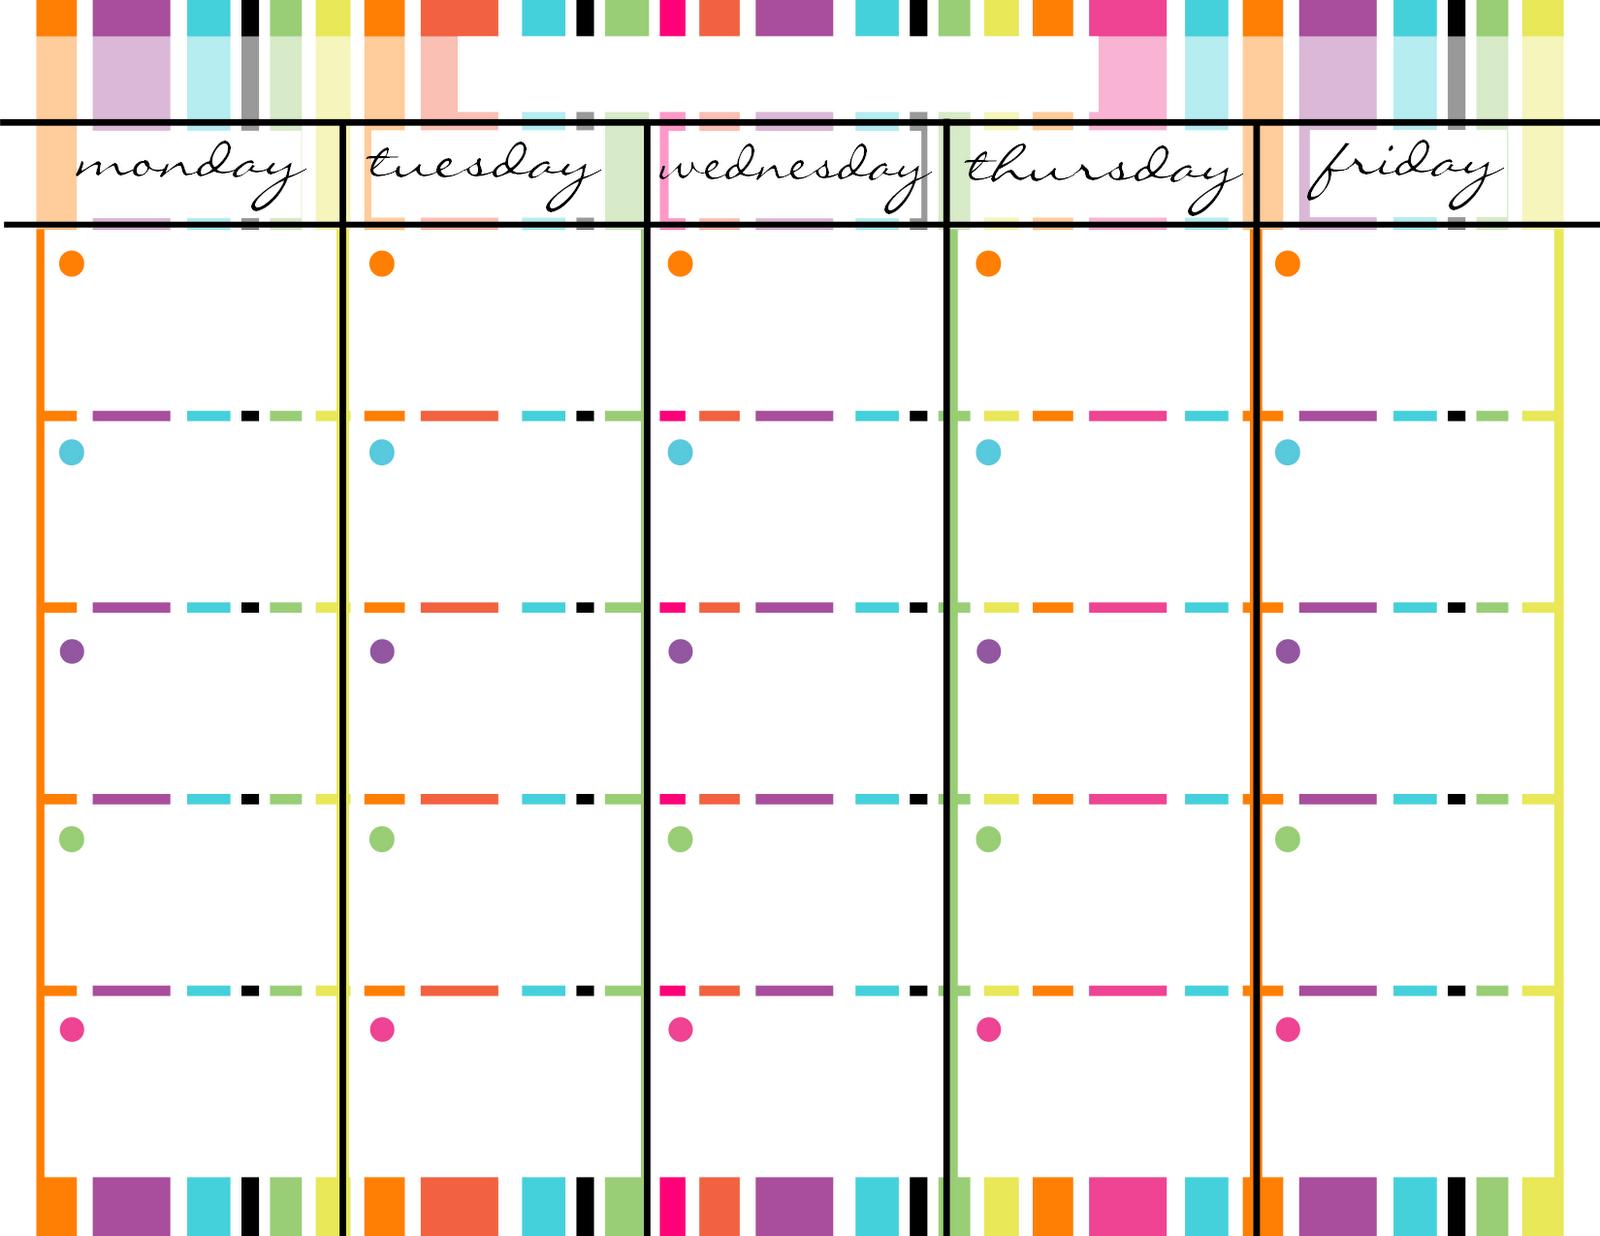 Blank Monday Through Friday Printable Calendar | Calendar Calendar Monday – Friday Template